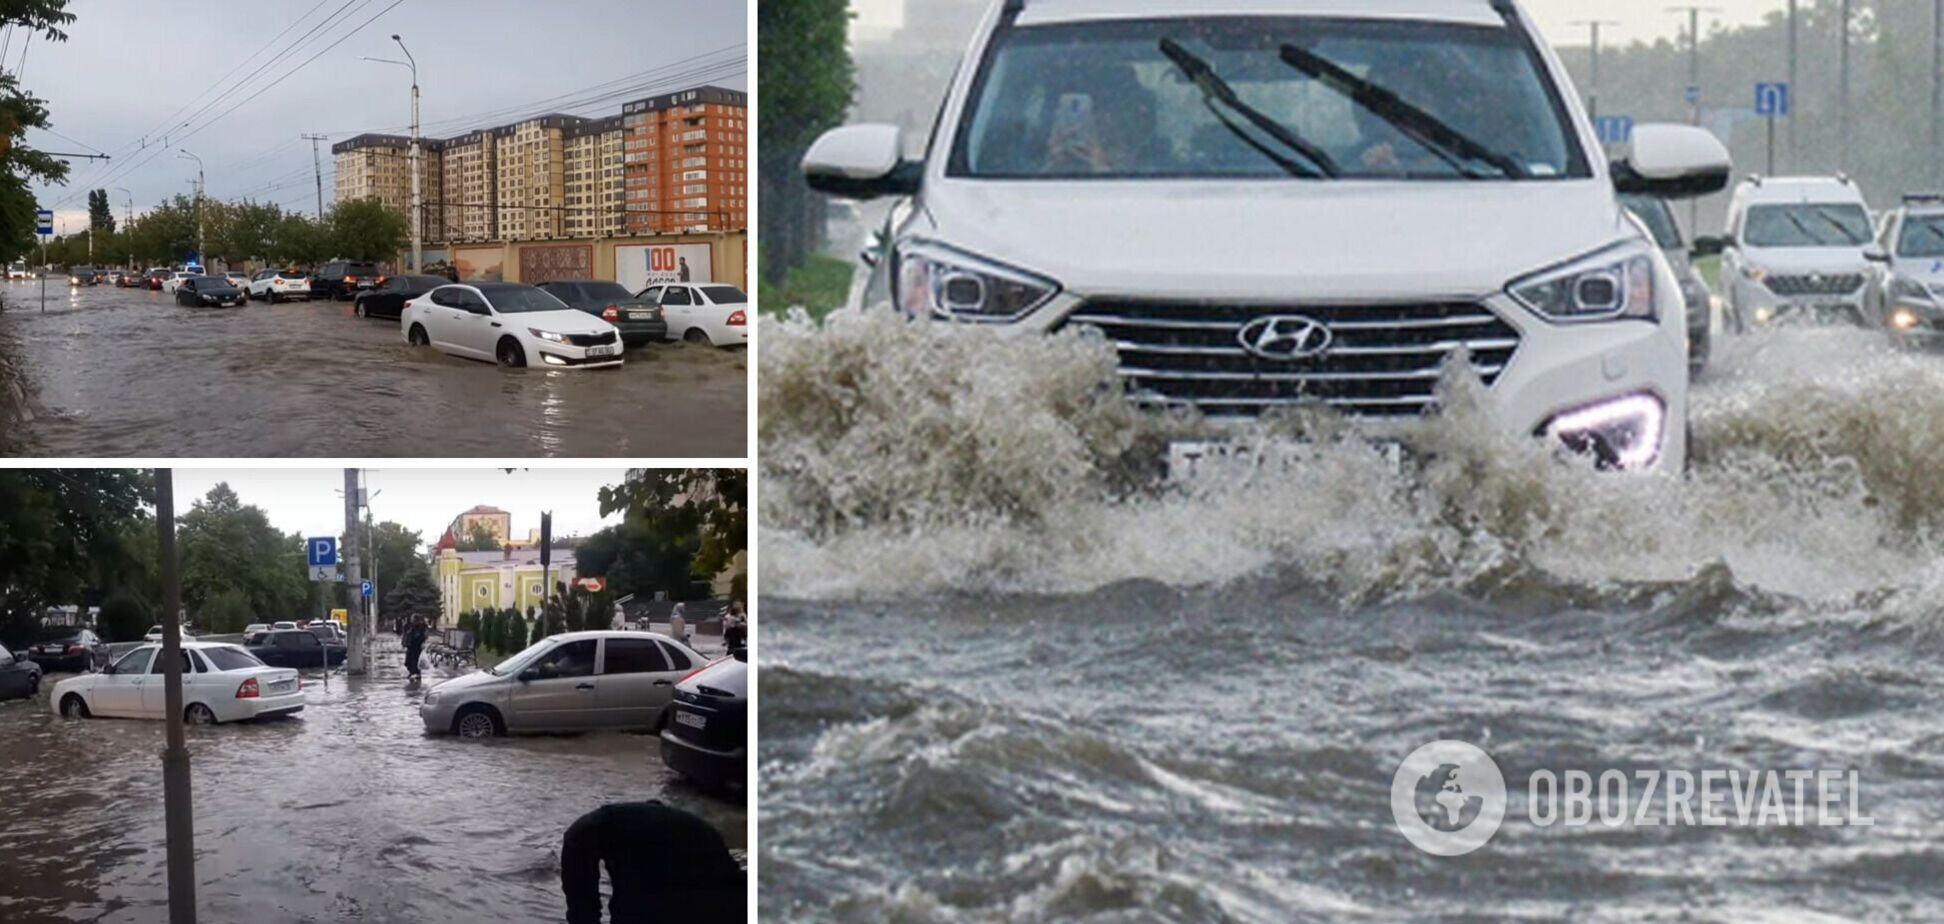 Російську Махачкалу накрила потужна злива, людей і машини відносило потоками води. Відео